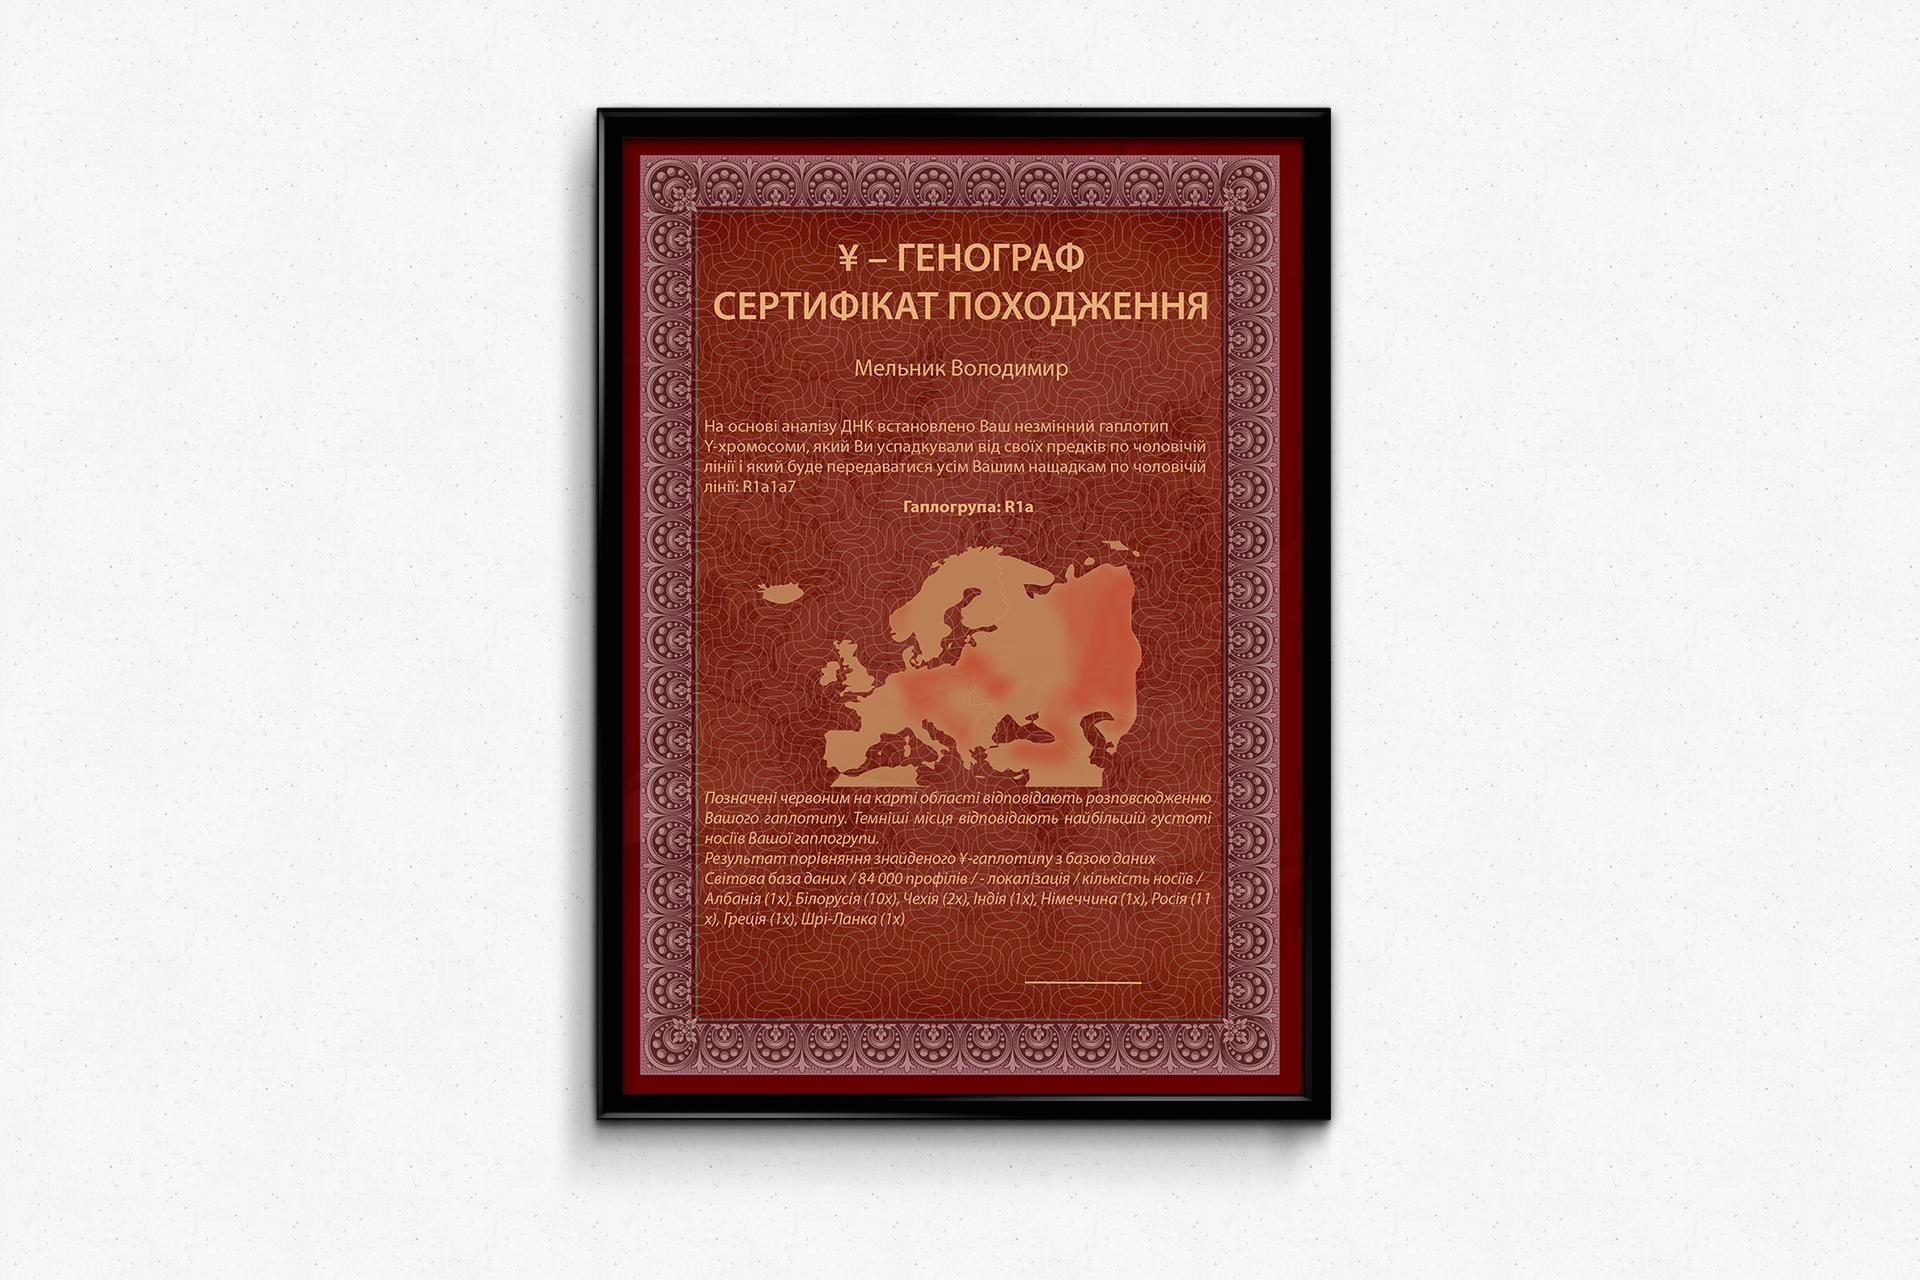 Сертифікат для компанії Leogene